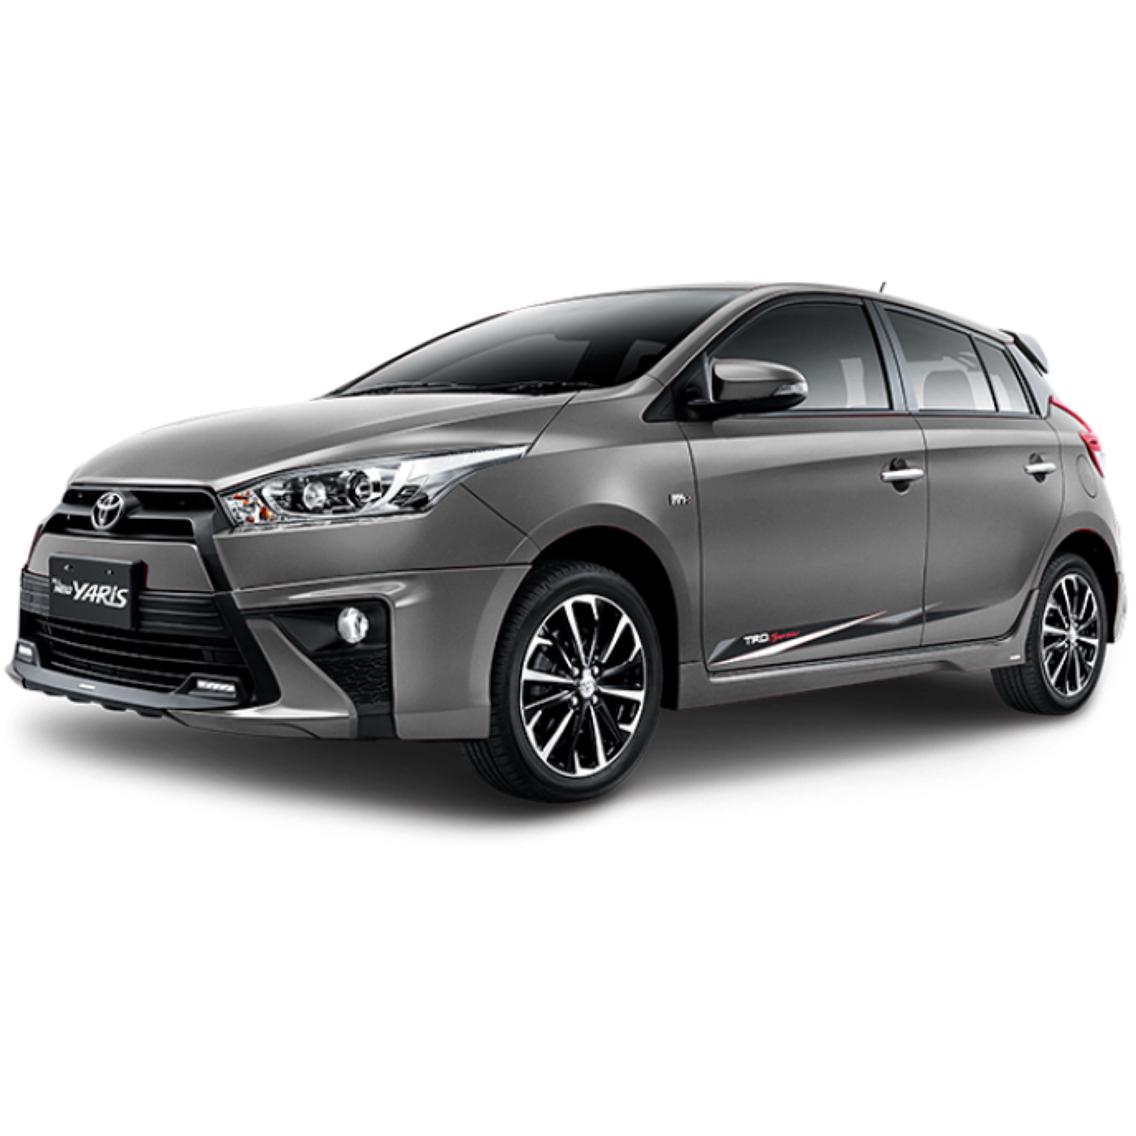 Harga Toyota Yaris Trd Matic Grand New Avanza Veloz 1.5 Mobil Semarang Sales Promo Kredit